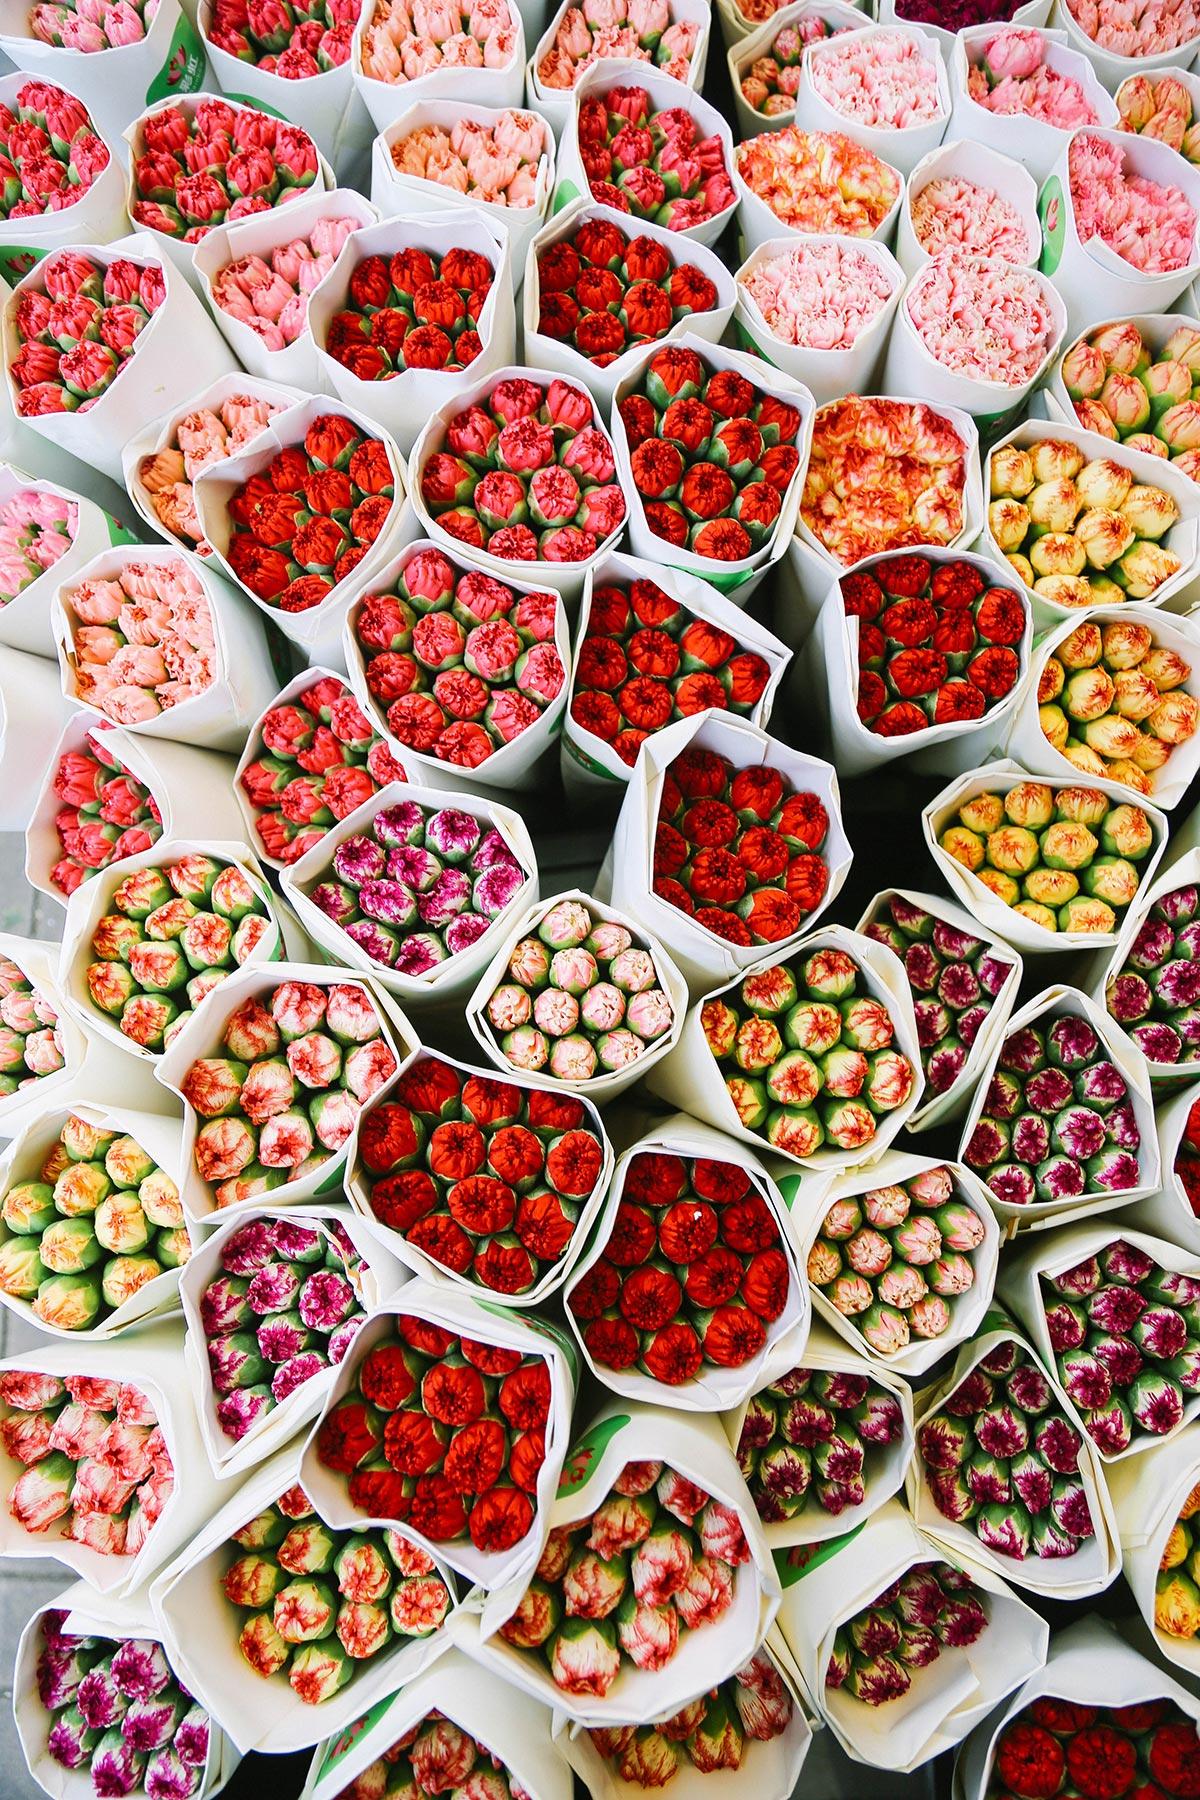 ashleigh-leech-hong-kong-flower-market-1.jpg